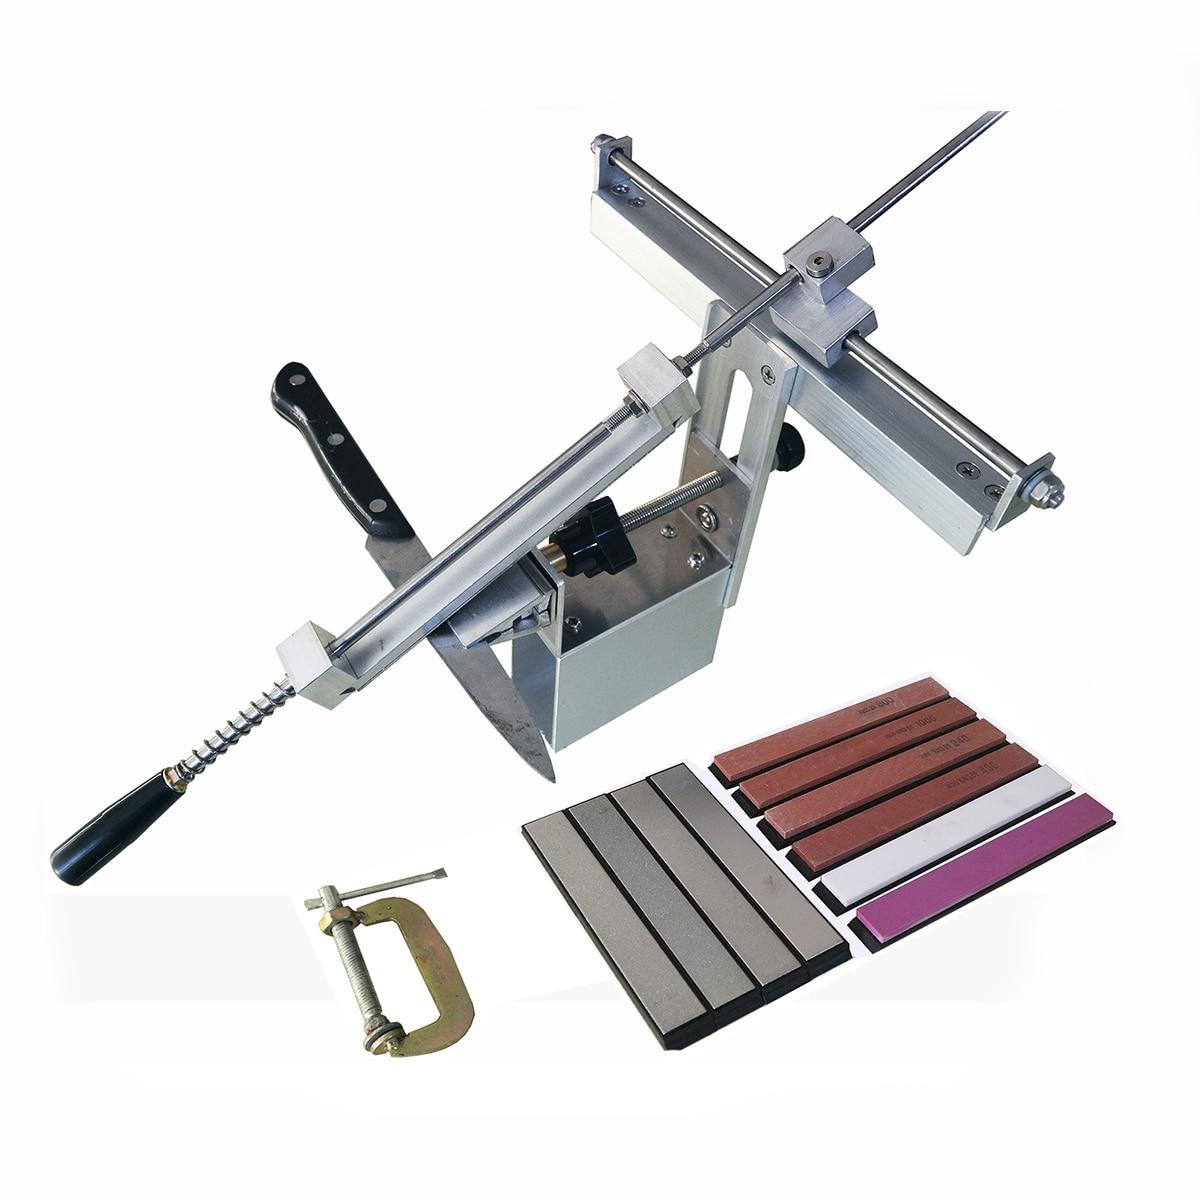 Кухонная точилка для ножей, Профессиональный кухонный нож из алюминиевой стали, точильный инструмент, фиксируемый угол, Алмазный точильный...